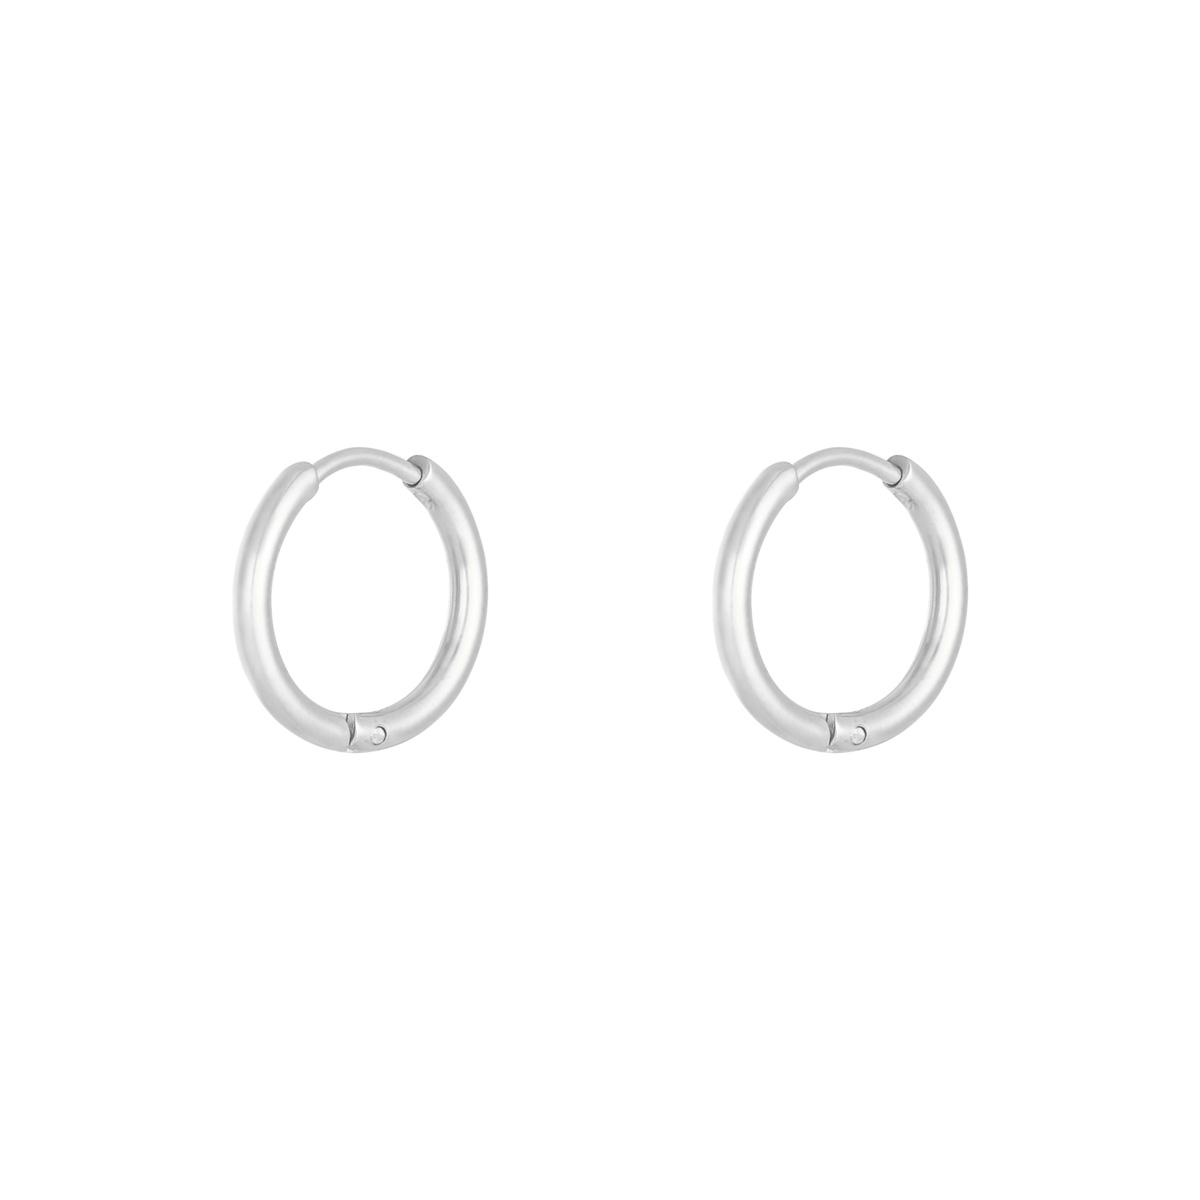 Earrings Little Hoops 1,6cm